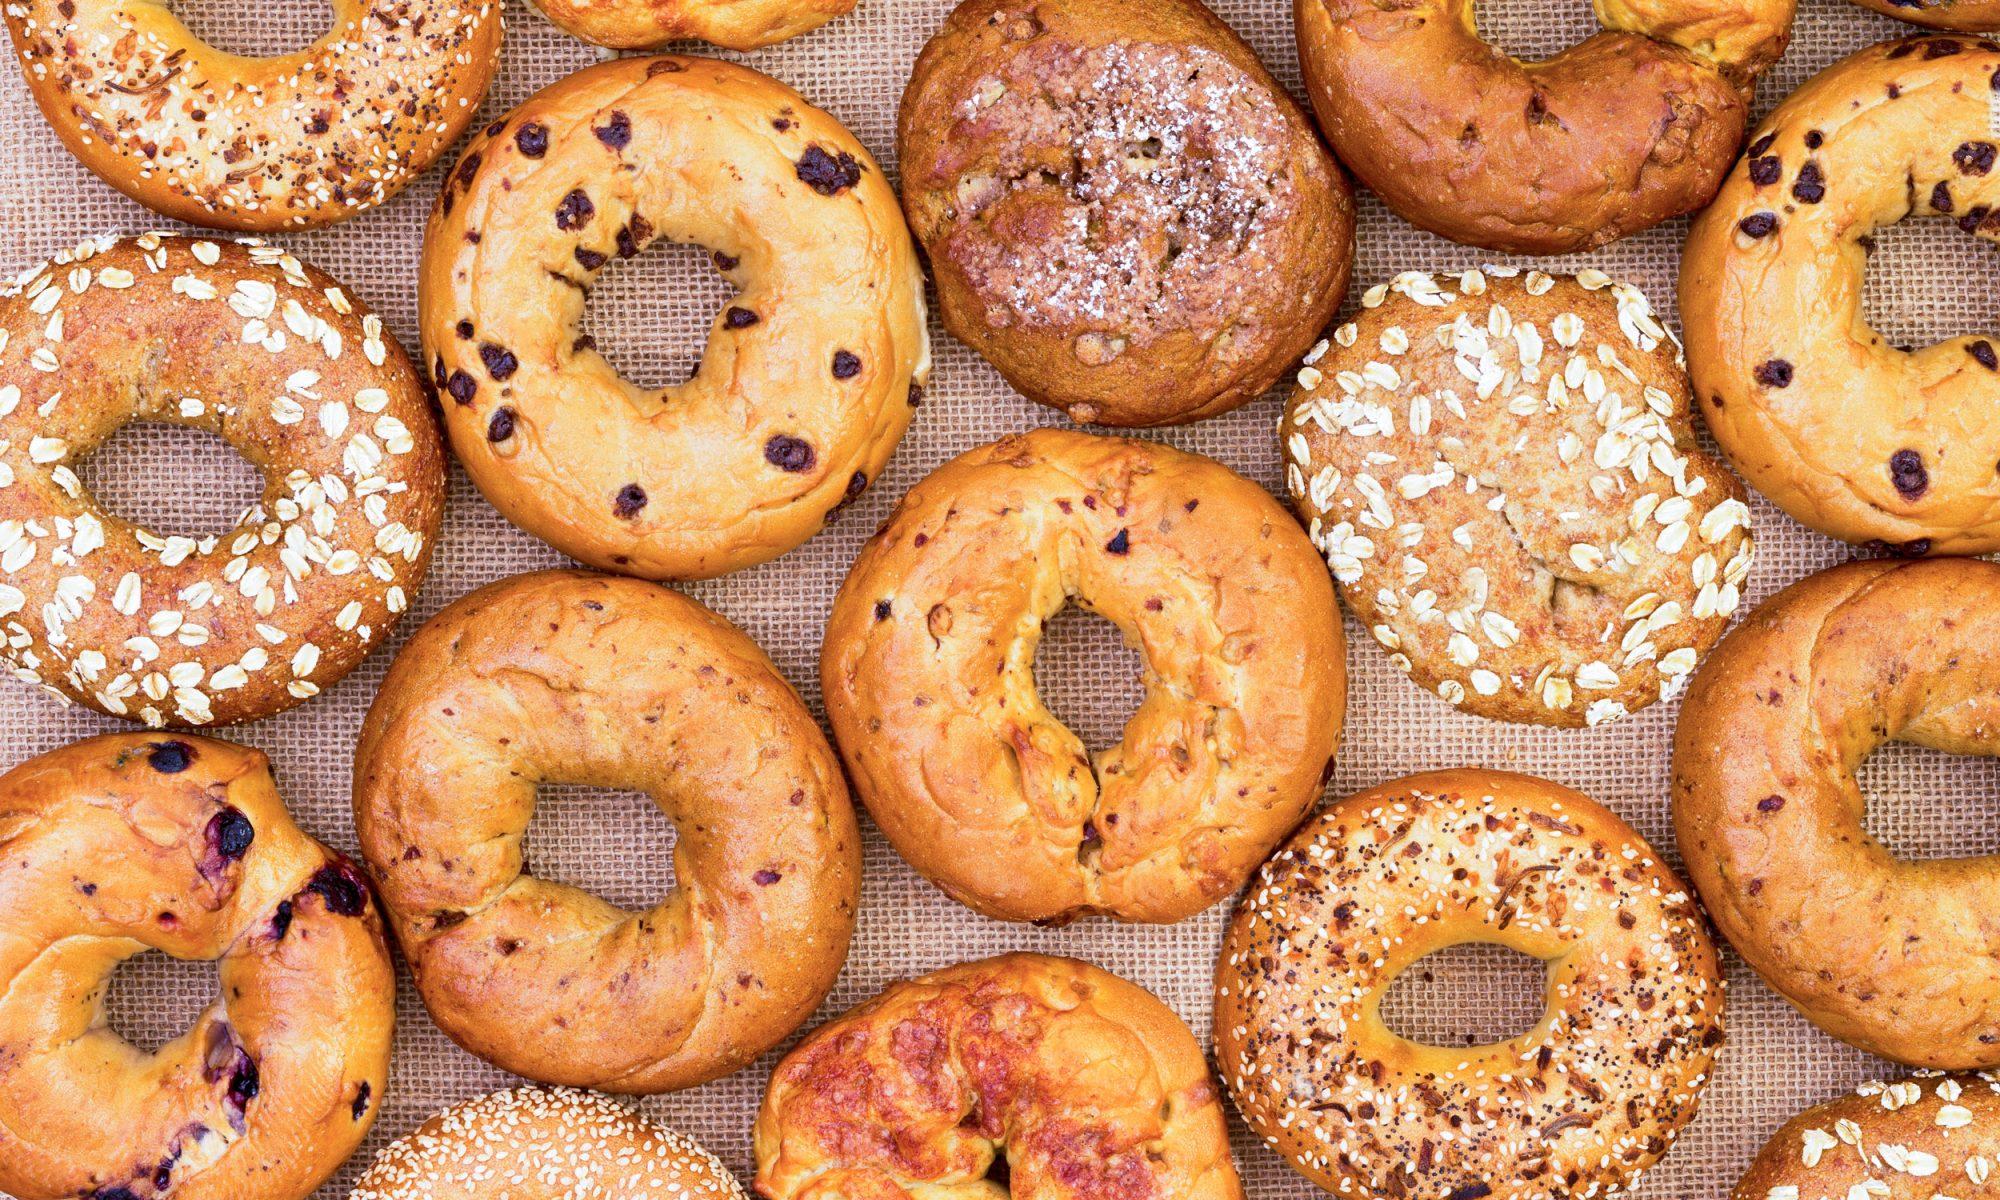 EC: 5 Easy Ways to Repurpose Stale Bagels